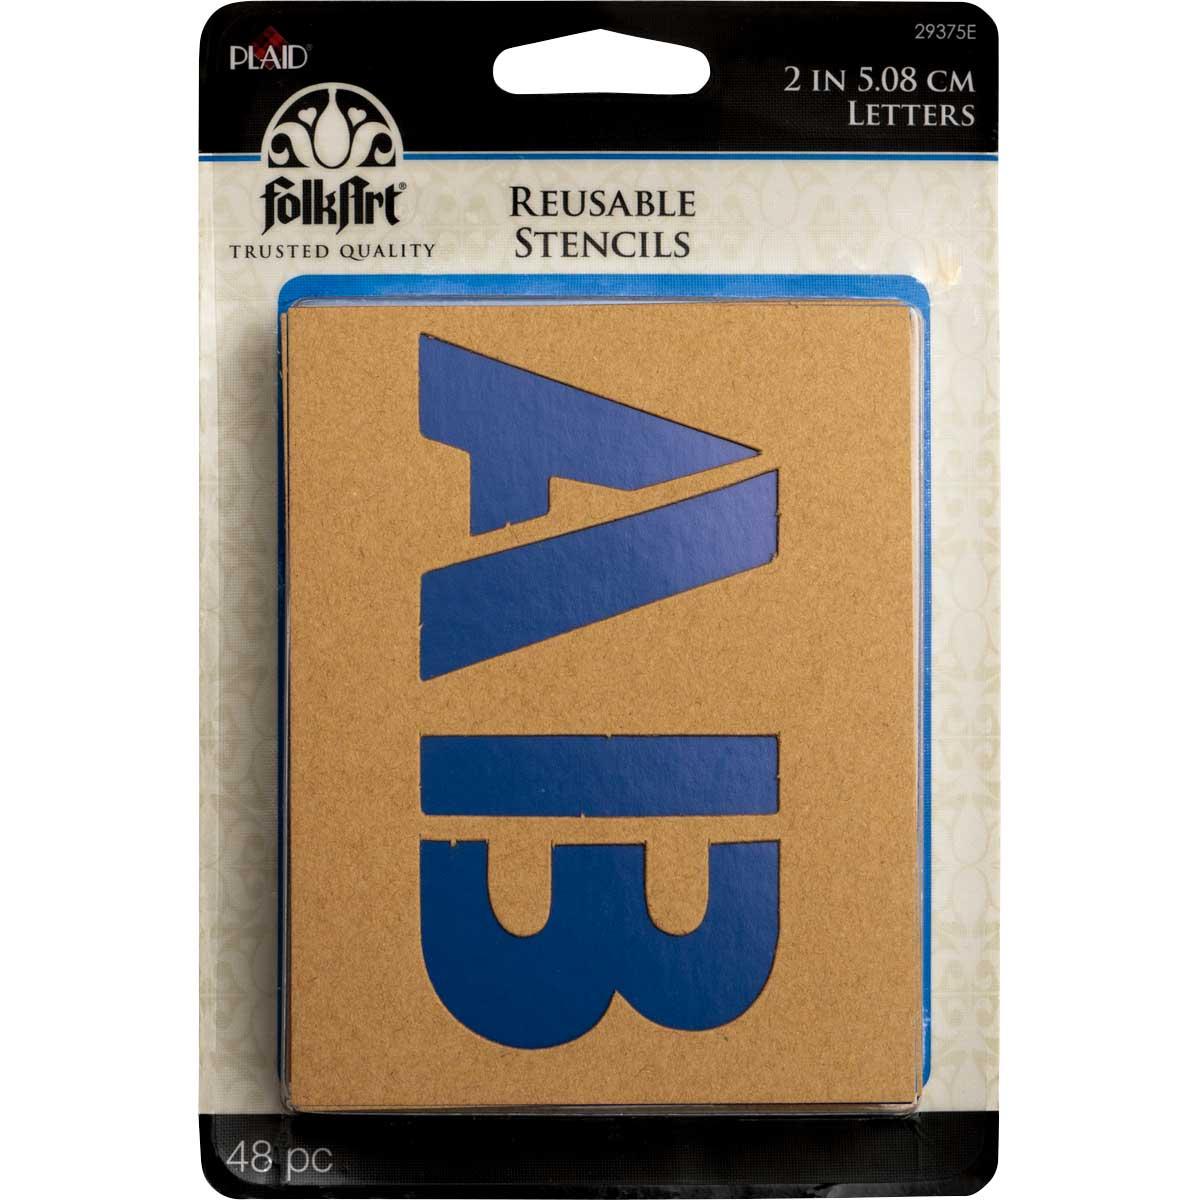 Plaid ® Stencils - Value Packs - Letter Stencils - Plain Jane, 2